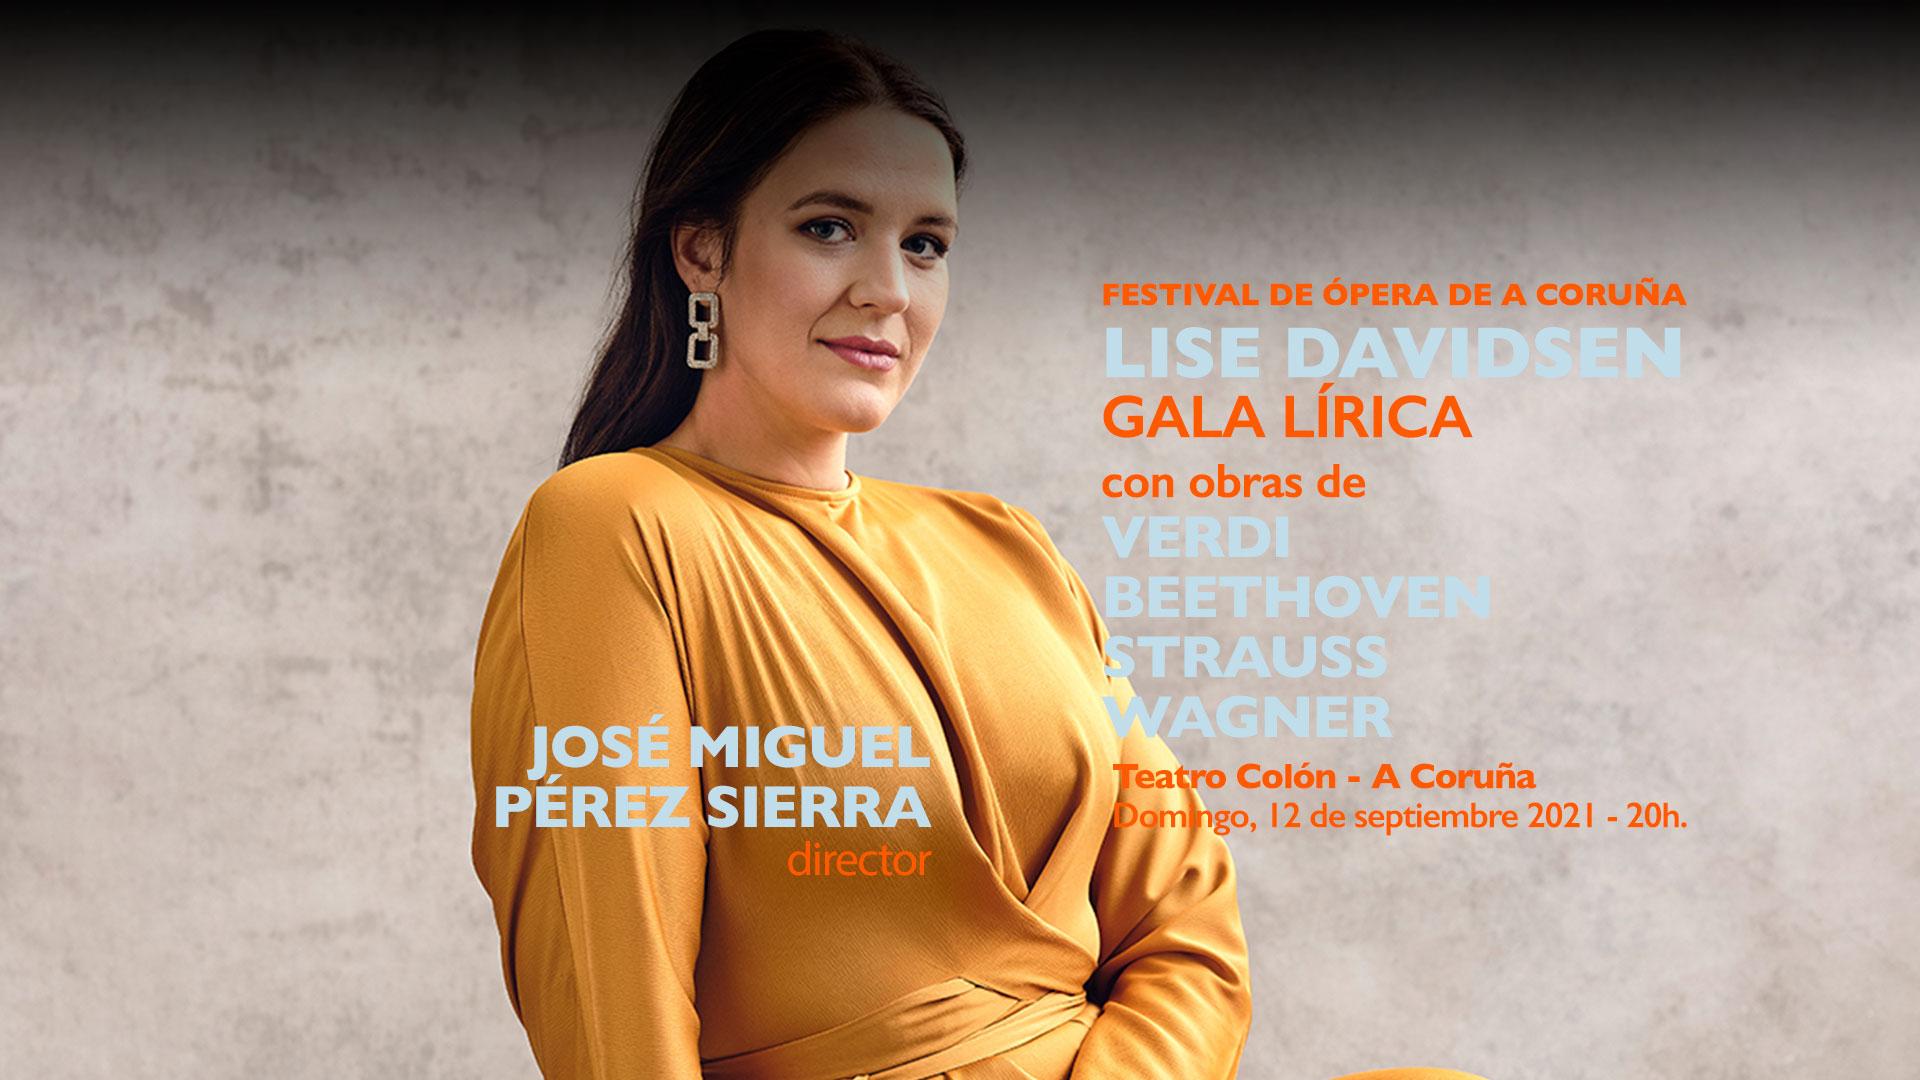 Festival de Ópera de A Coruña - Gala lírica